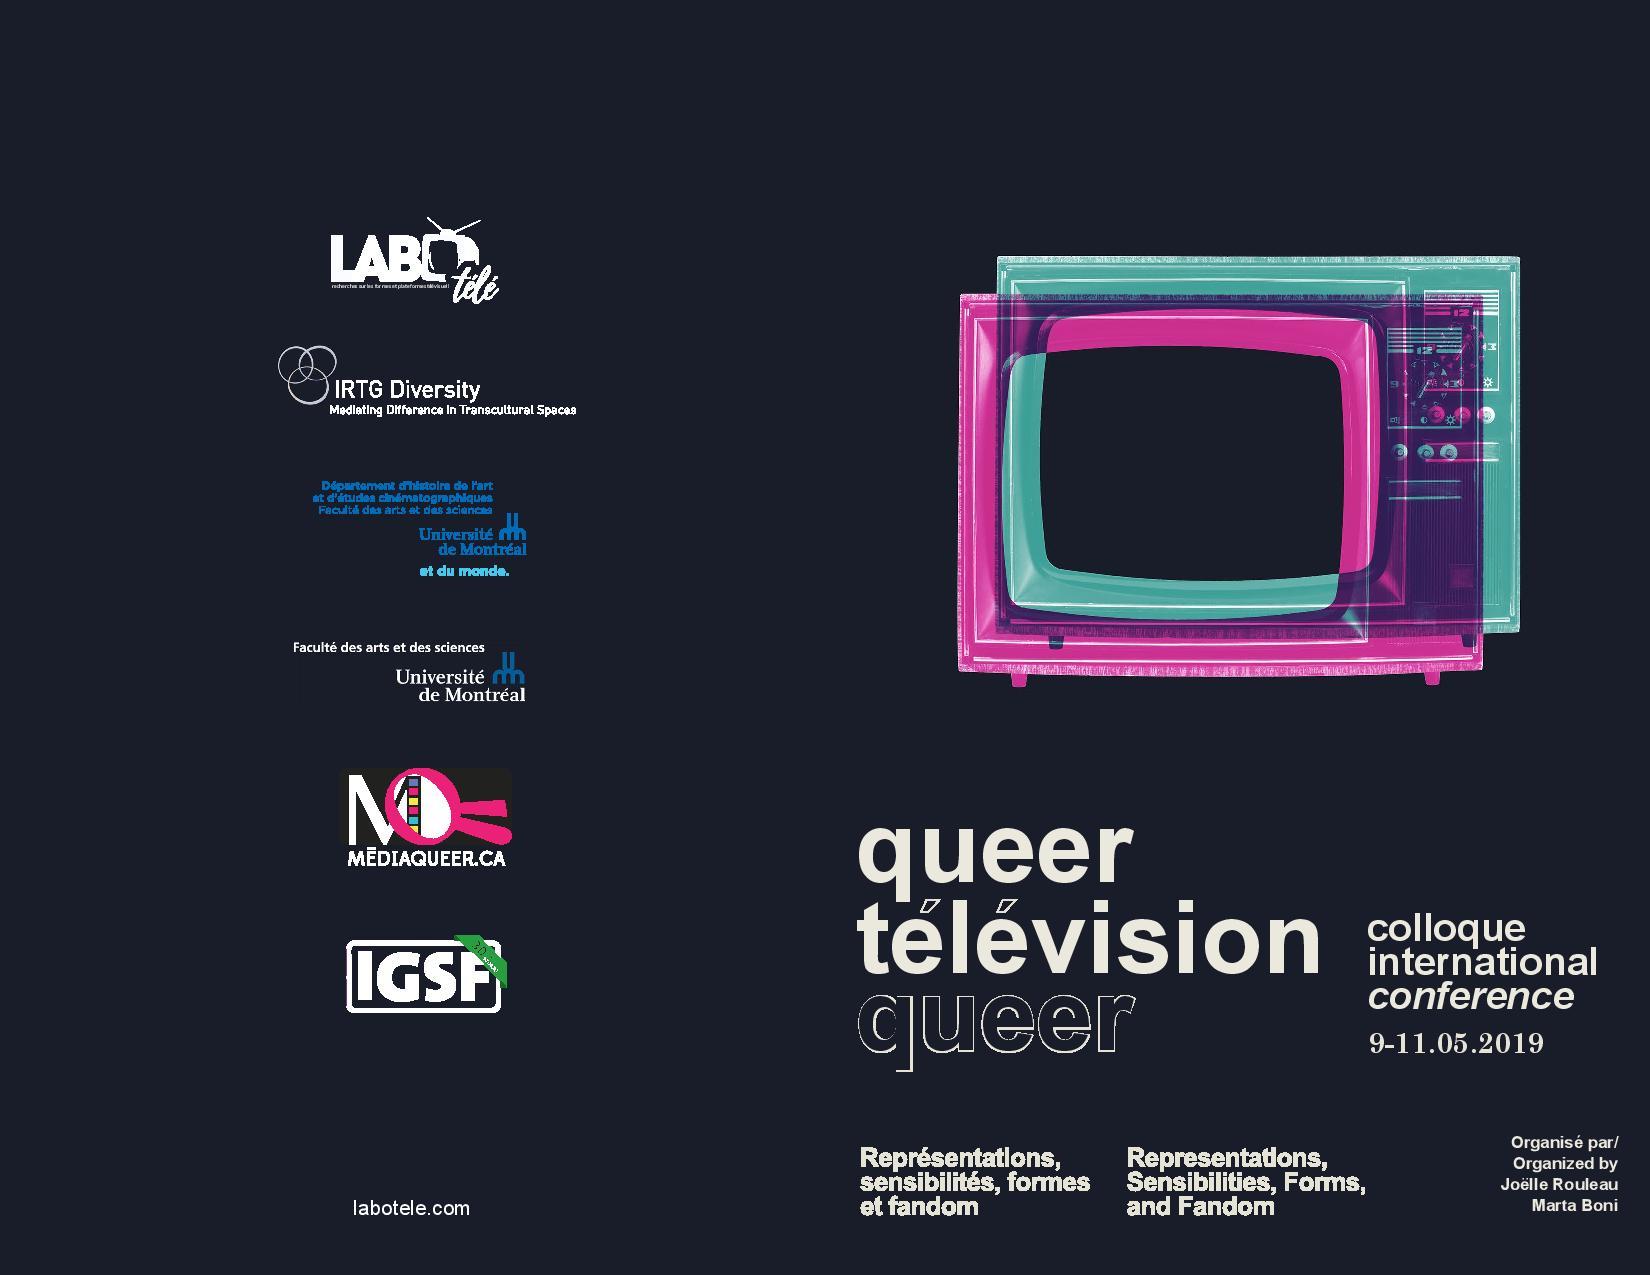 Colloque international Télévision Queer : Représentations, sensibilités, formes et fandom